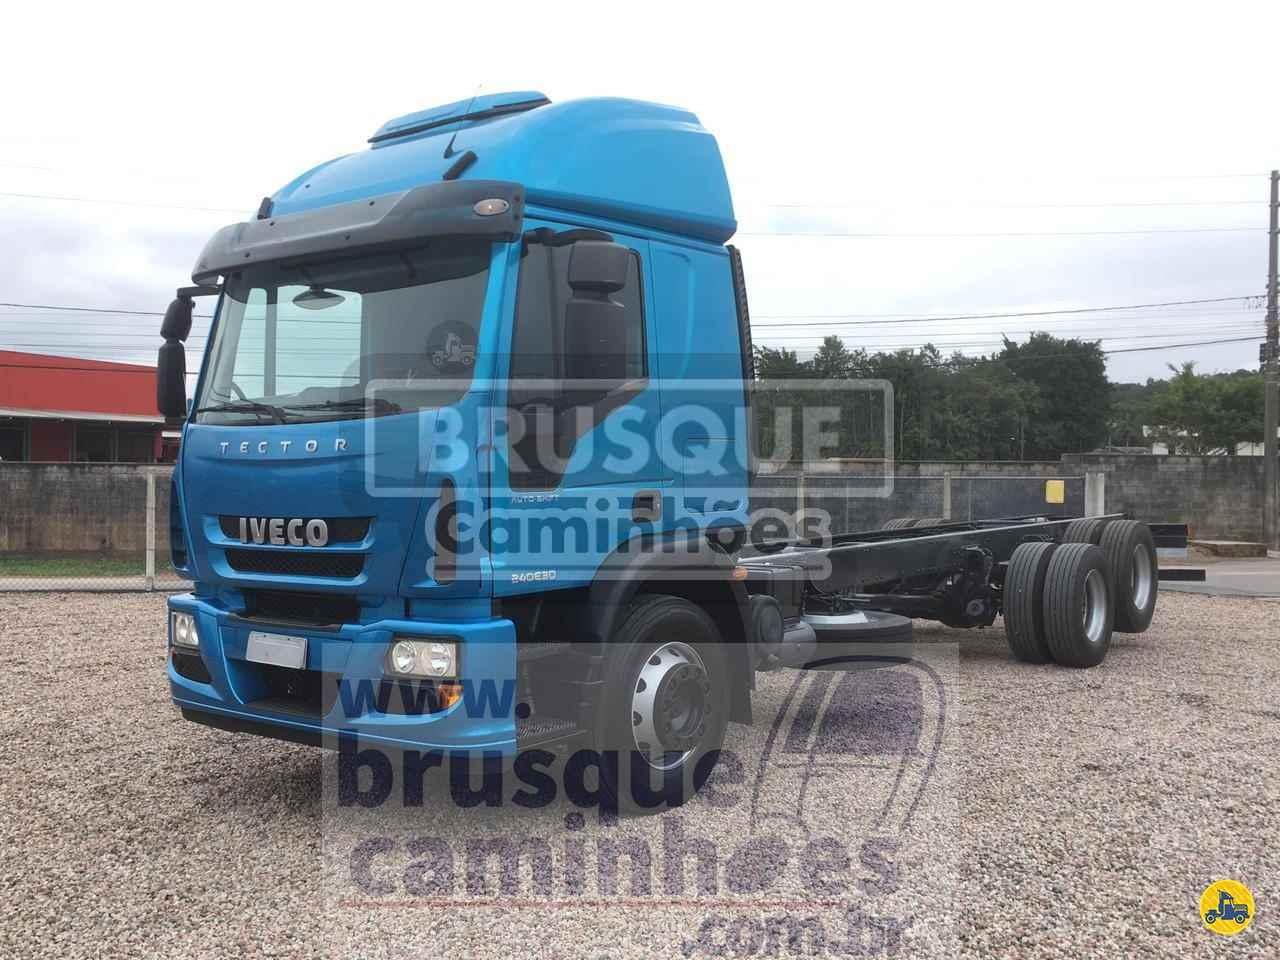 CAMINHAO IVECO TECTOR 240E30 Chassis Truck 6x2 Brusque Caminhões BRUSQUE SANTA CATARINA SC